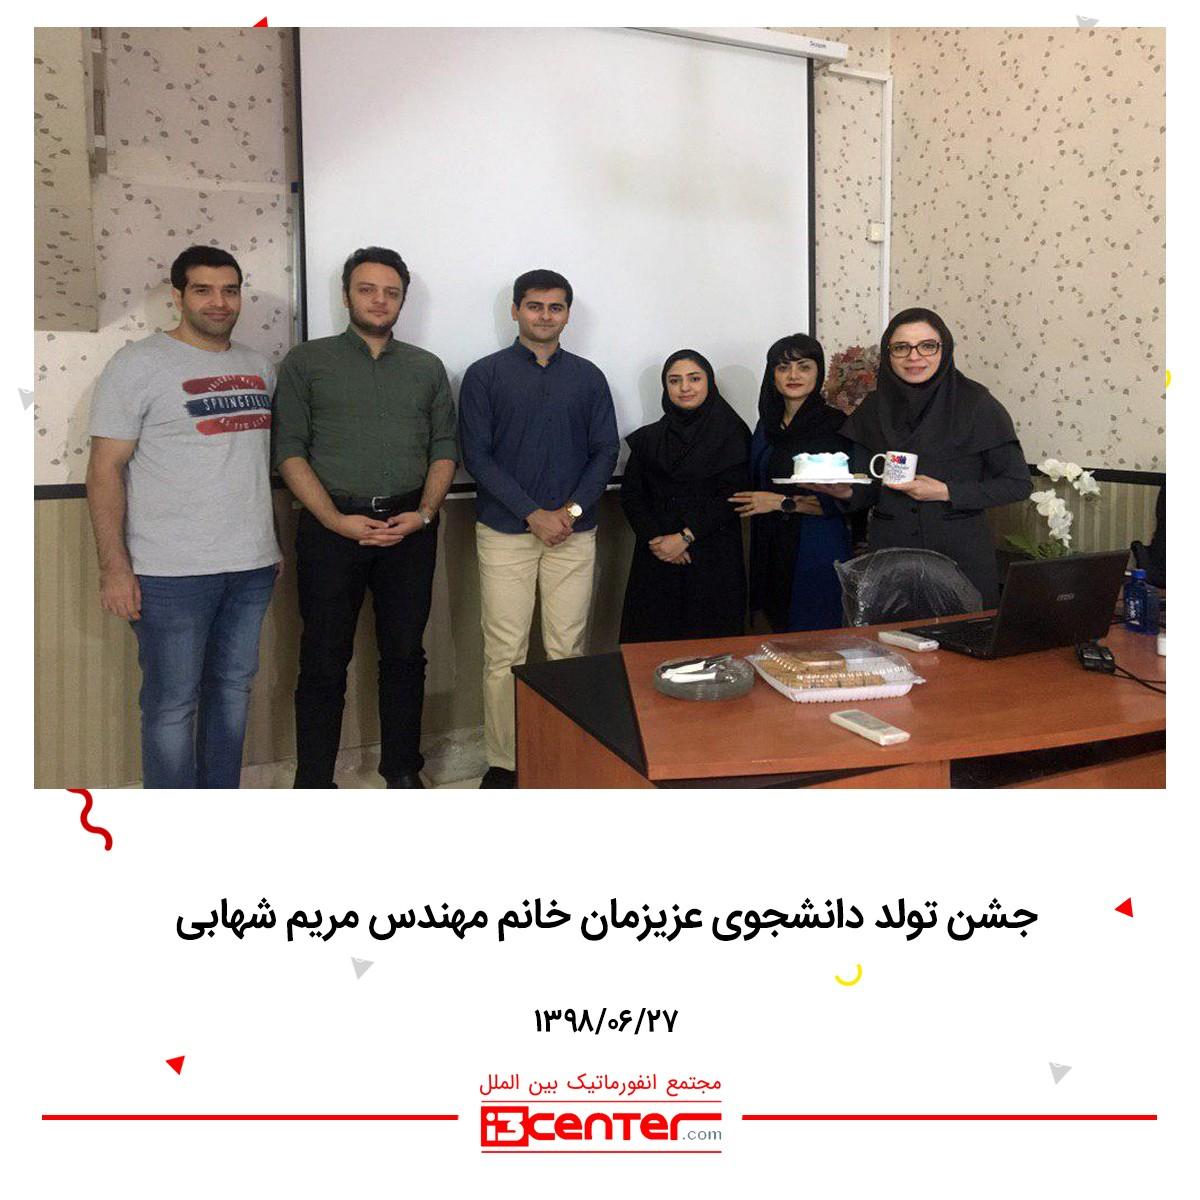 جشن تولد دانشجوی عزیزمان خانم مهندس مریم شهابی